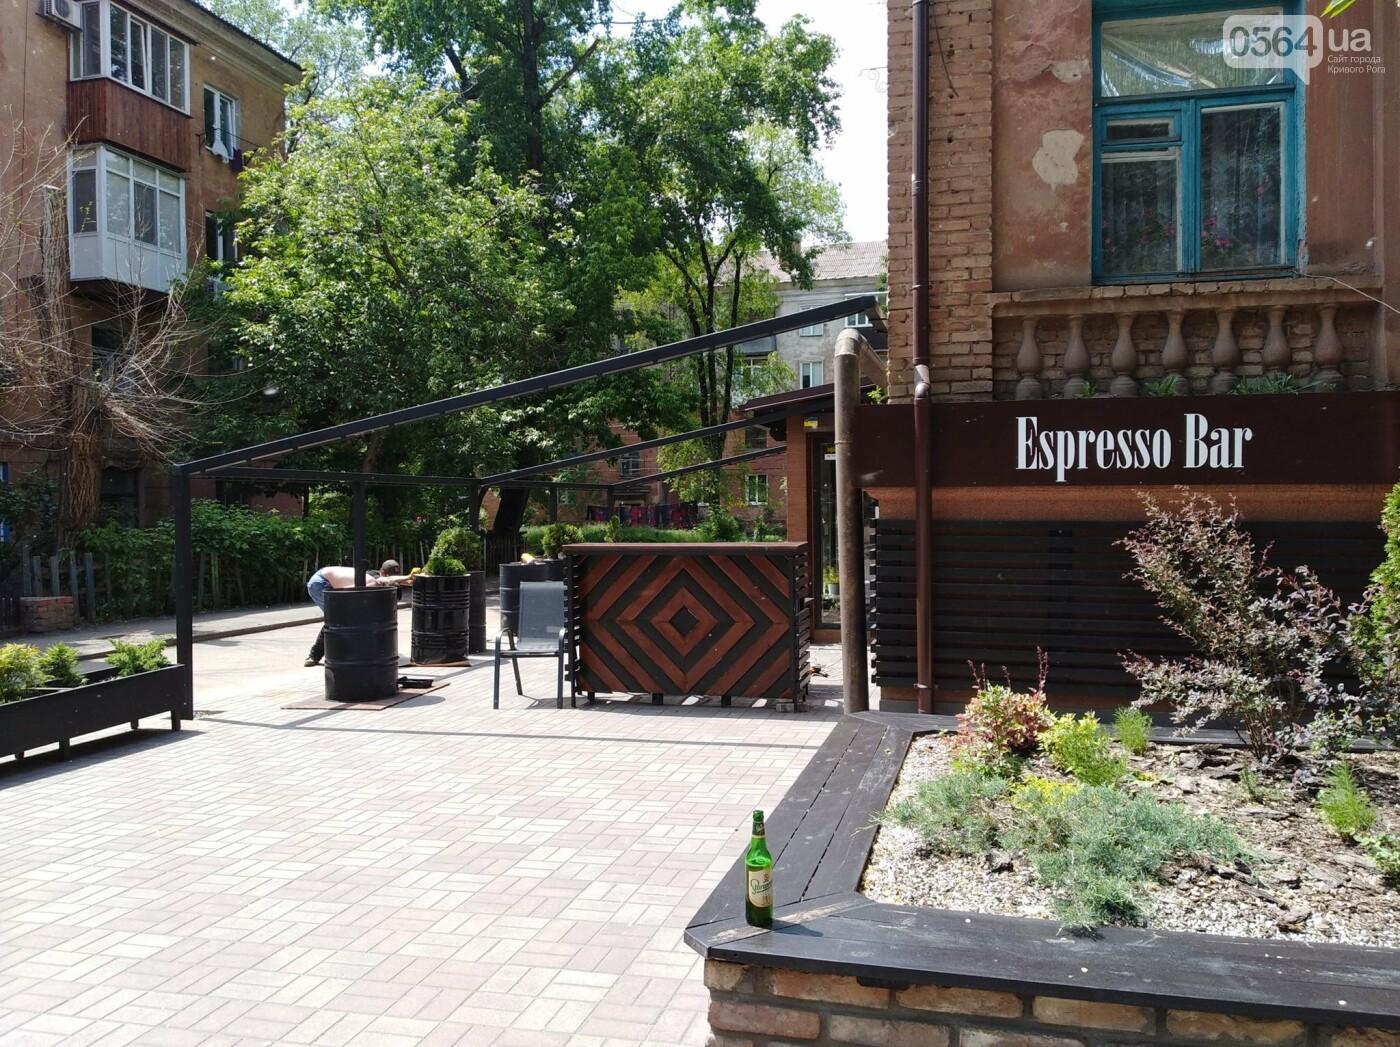 В Кривом Роге появилось кафе на тротуаре. Пешеходы обходят по проезжей части, - ФОТО, фото-1